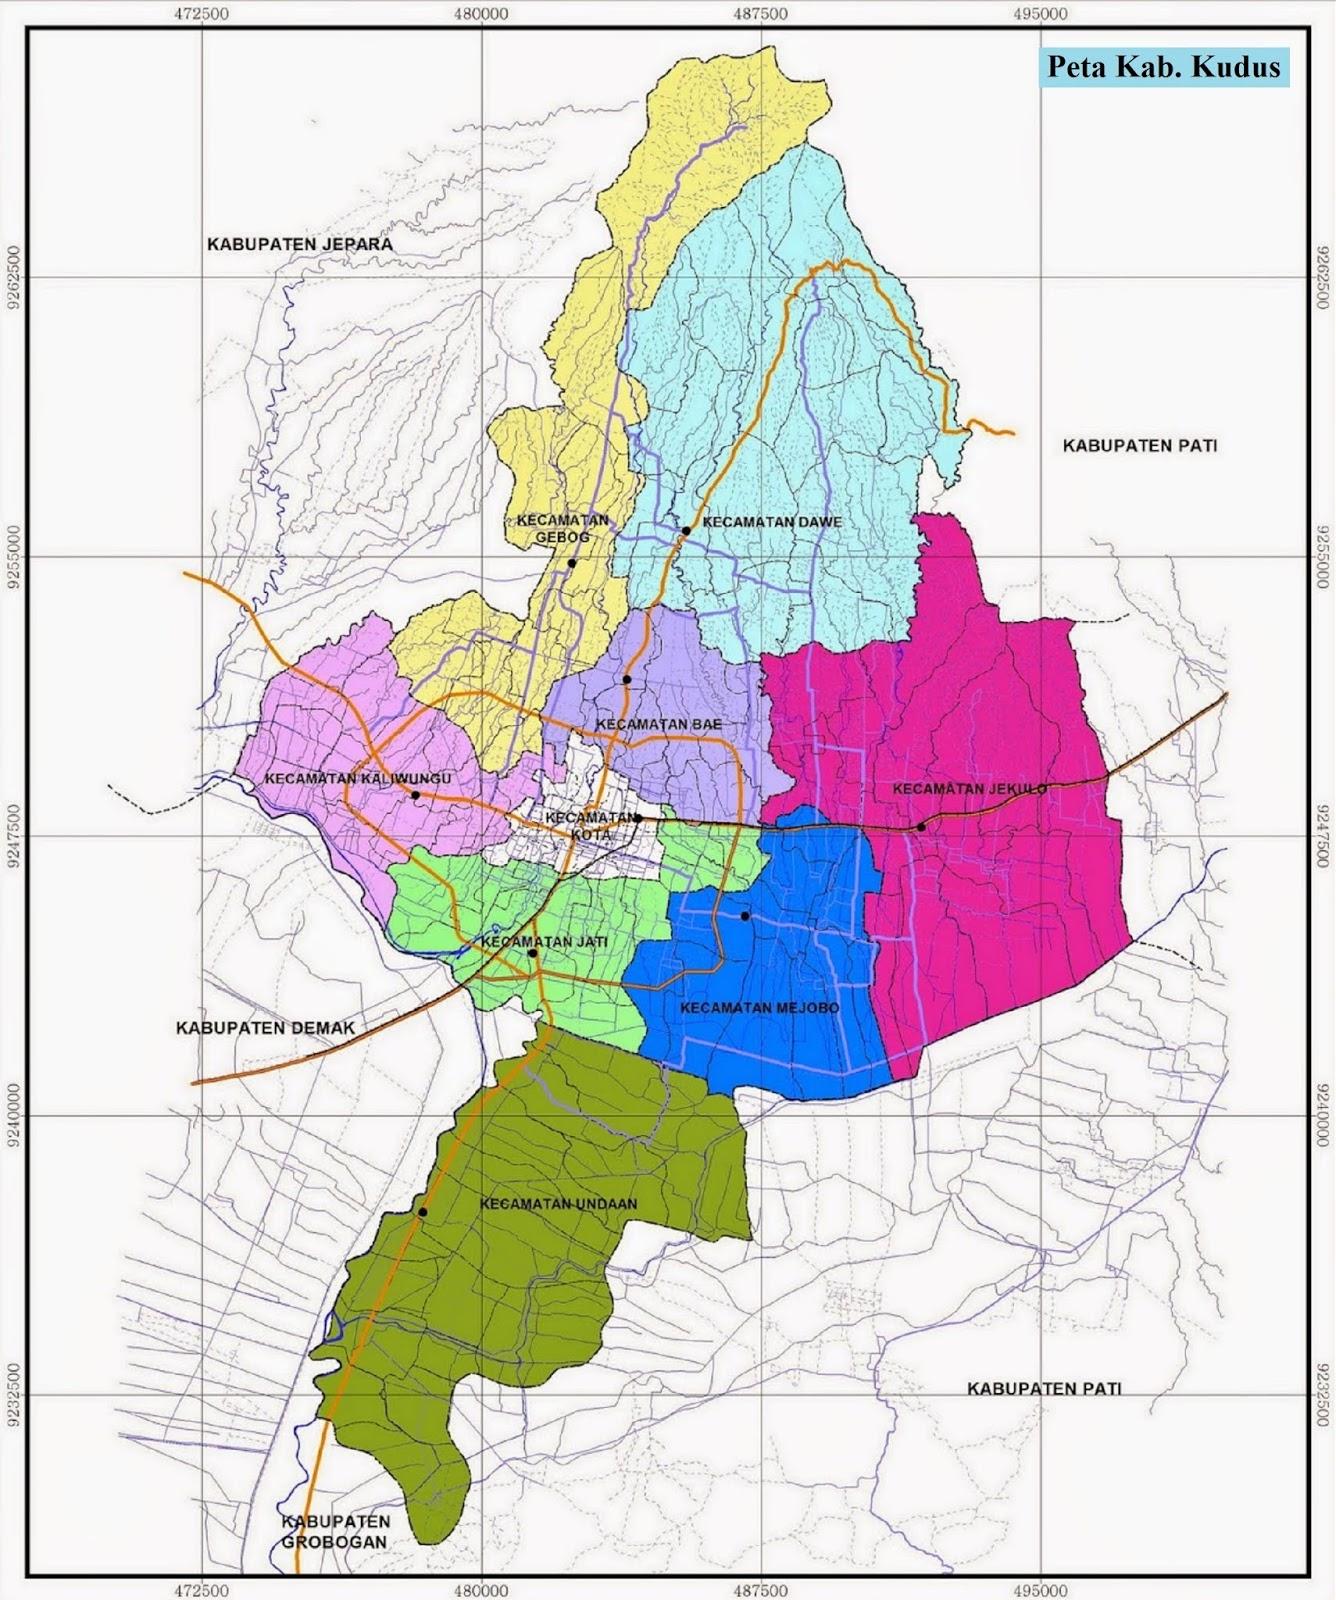 Peta Kabupaten Kudus